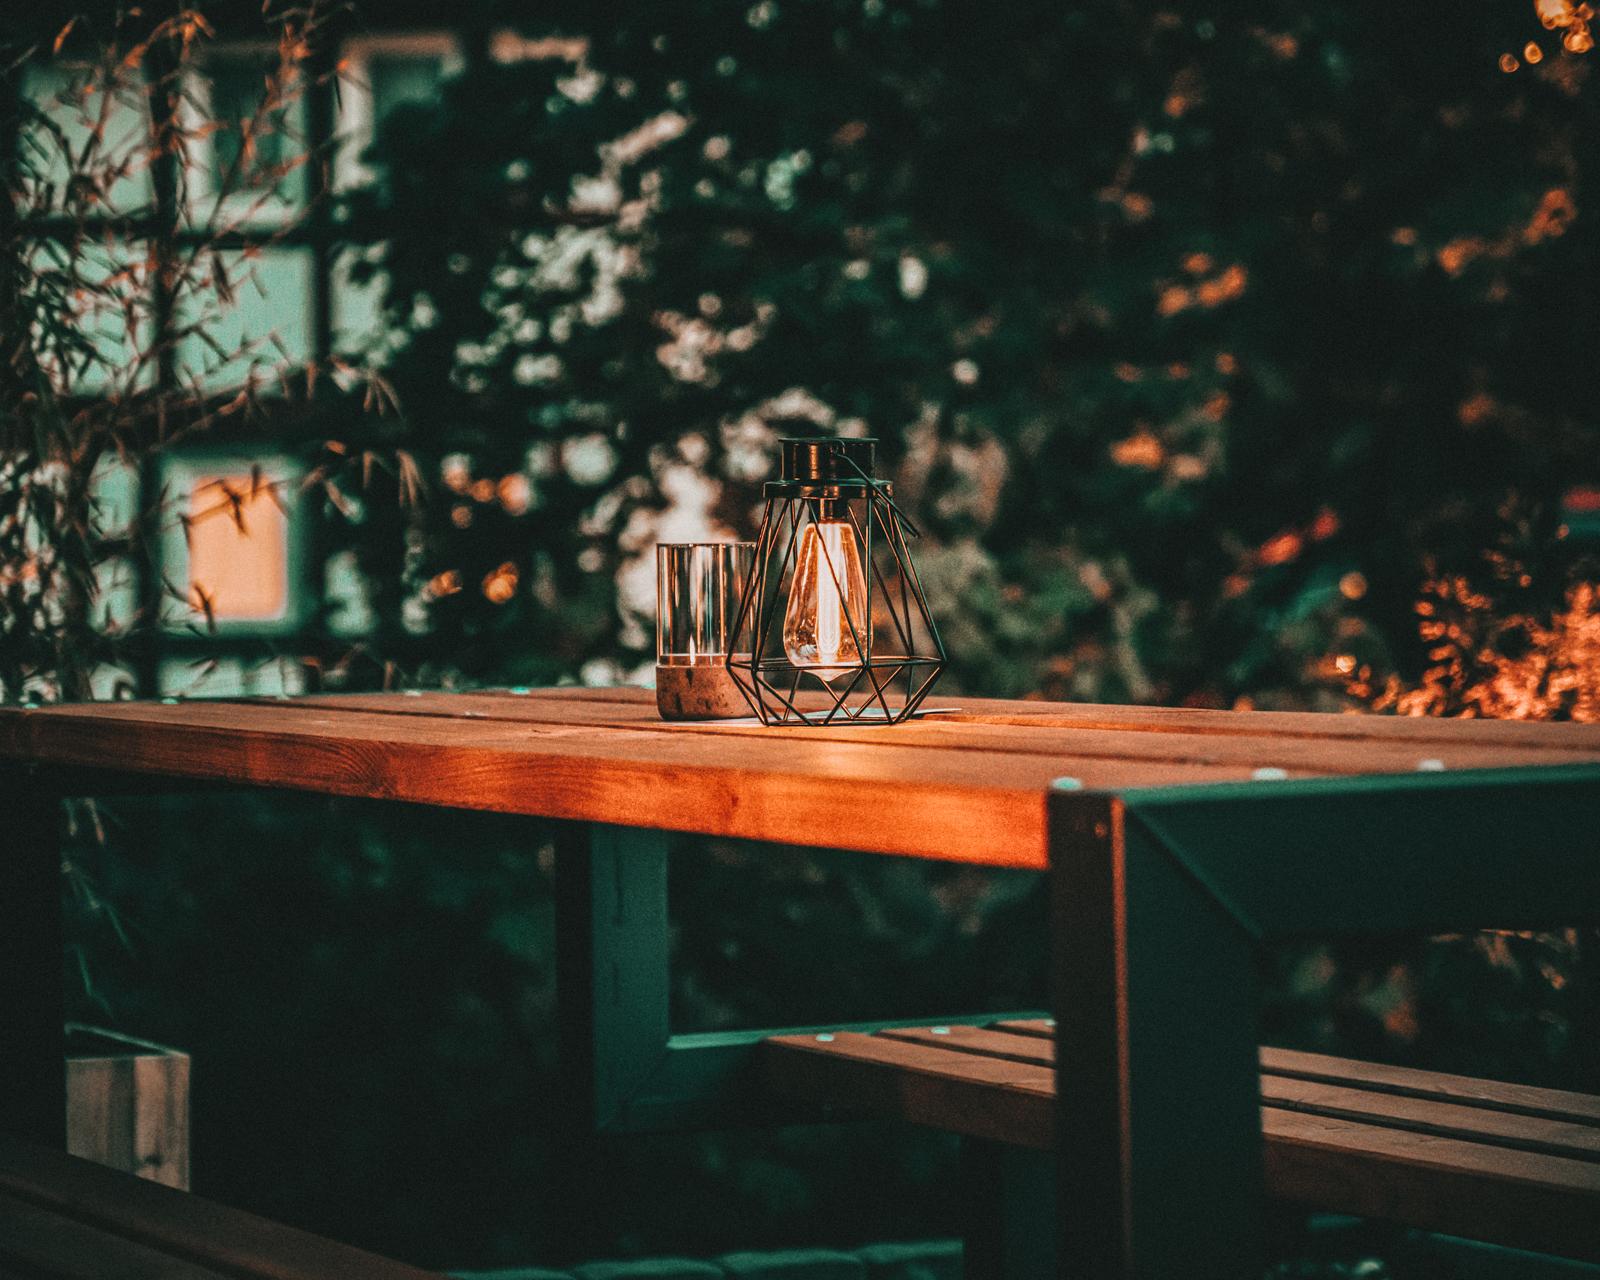 Tischbeleuchtung im Garten